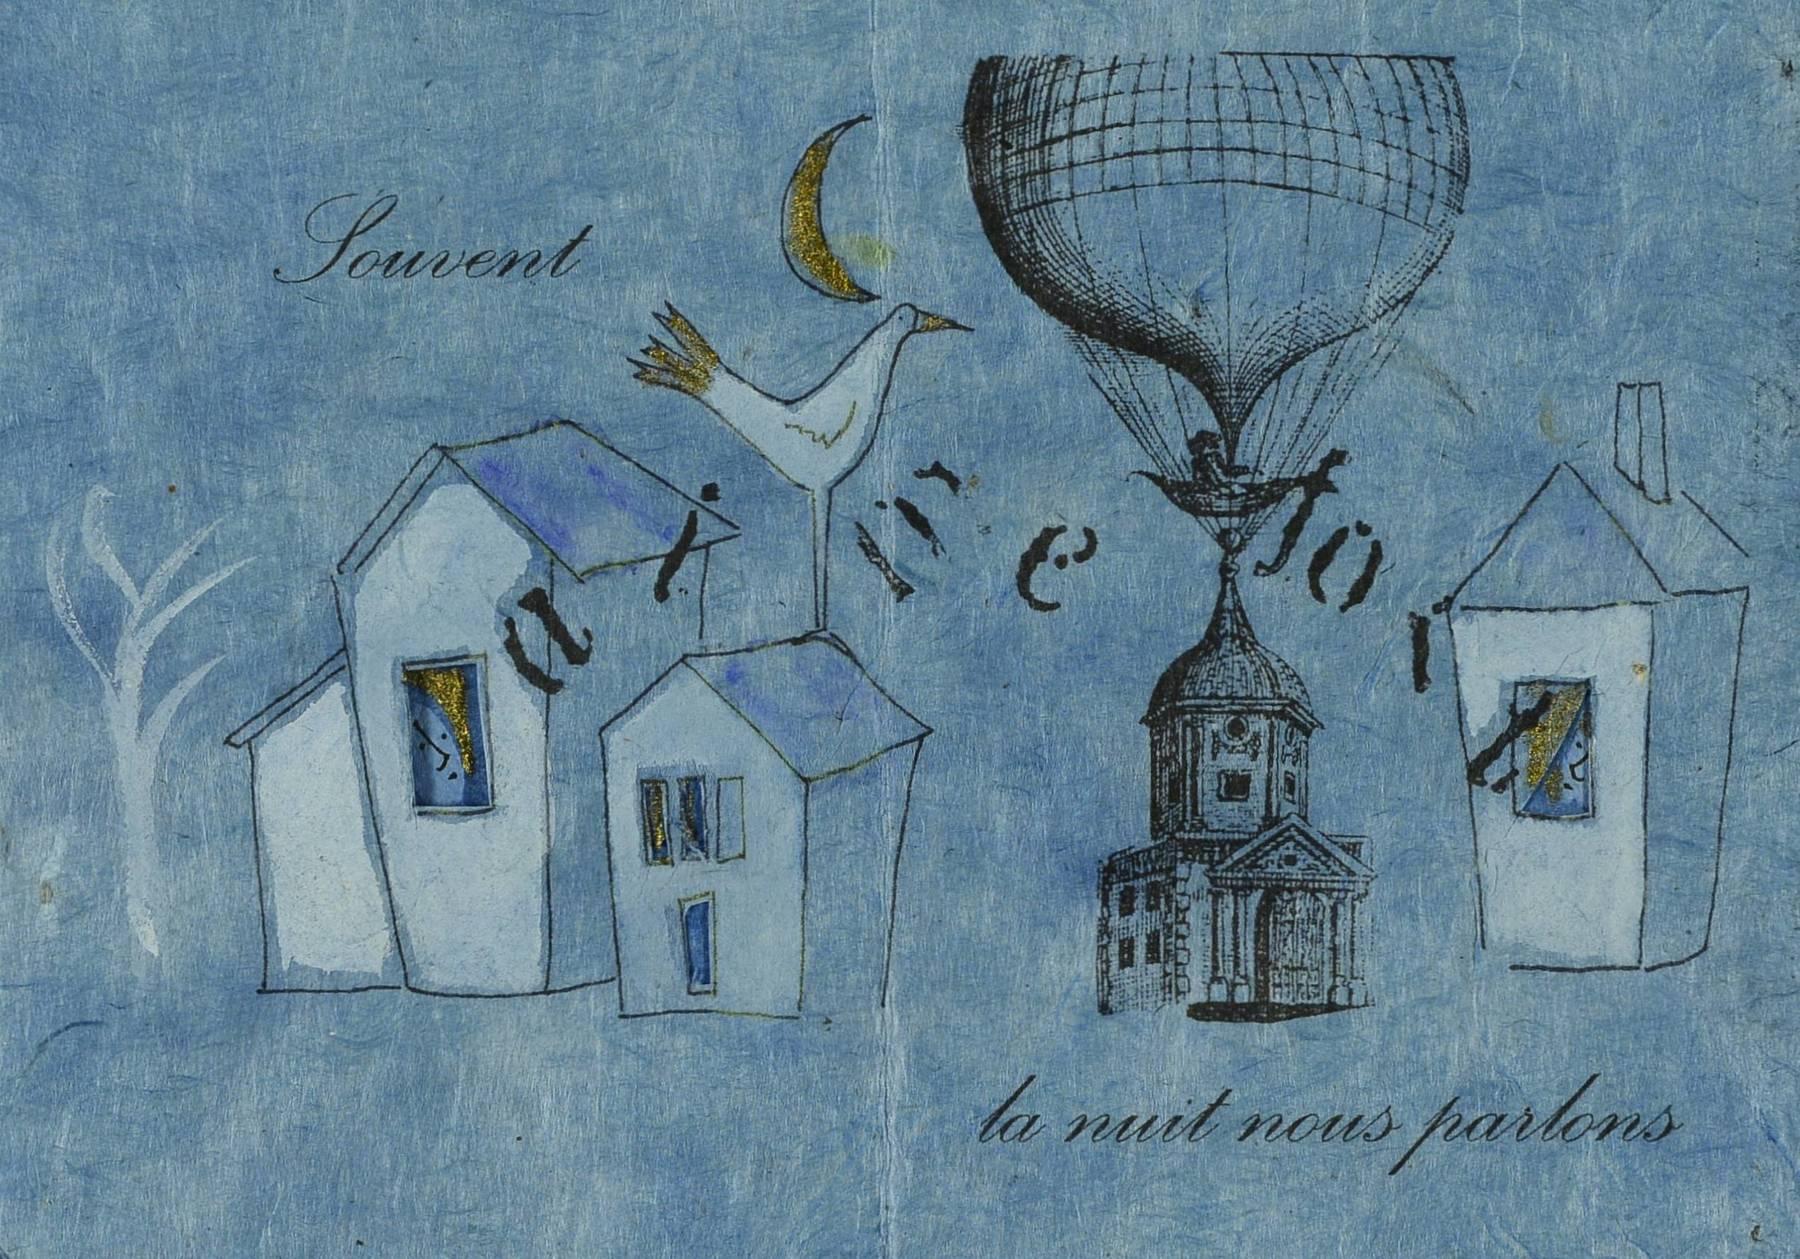 Contenu du Le clocher montgolfière